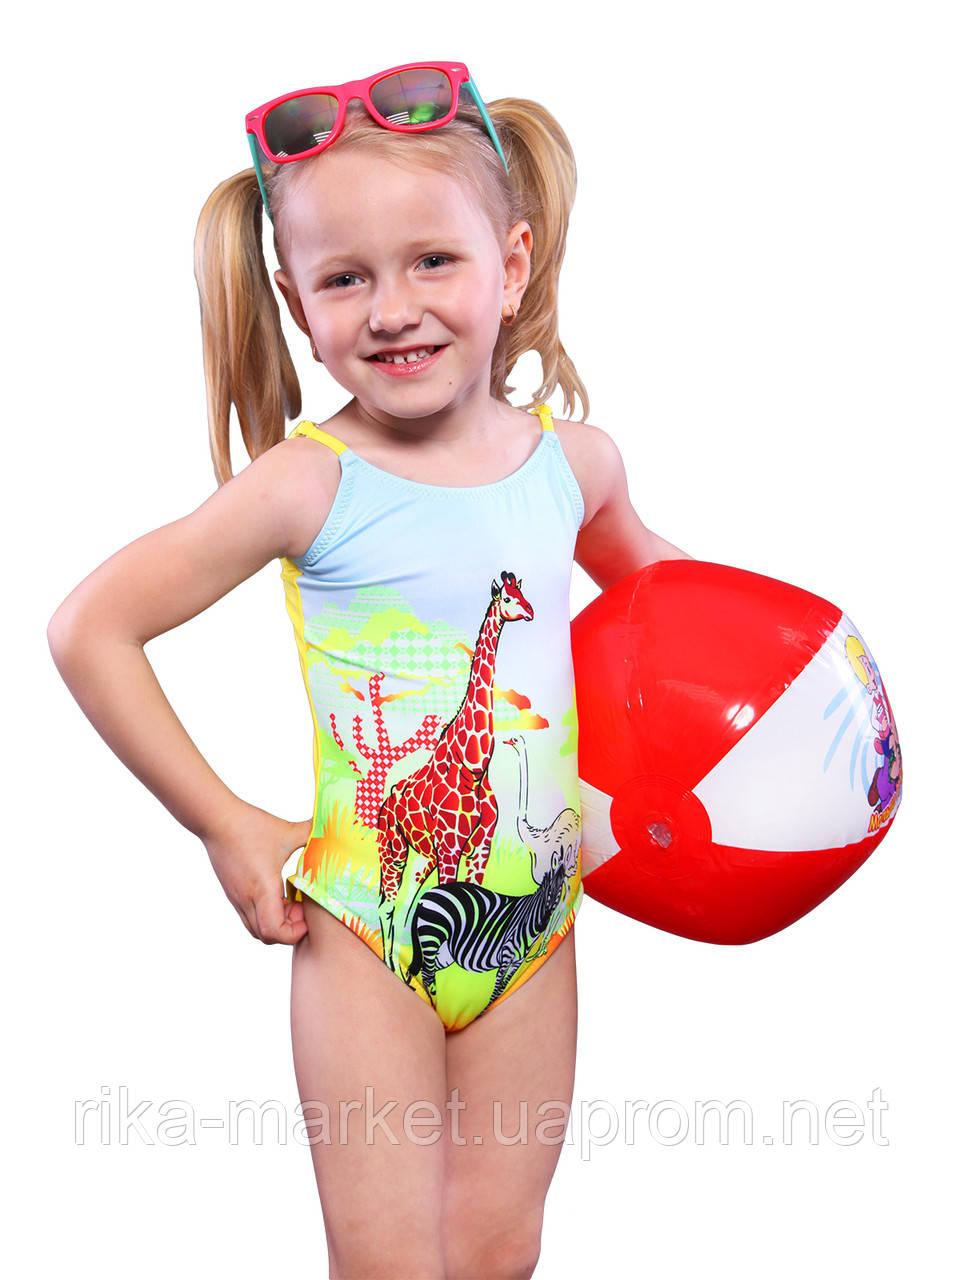 Цельный купальник для девочки Keyzi, от 2 до 6 лет, Safari